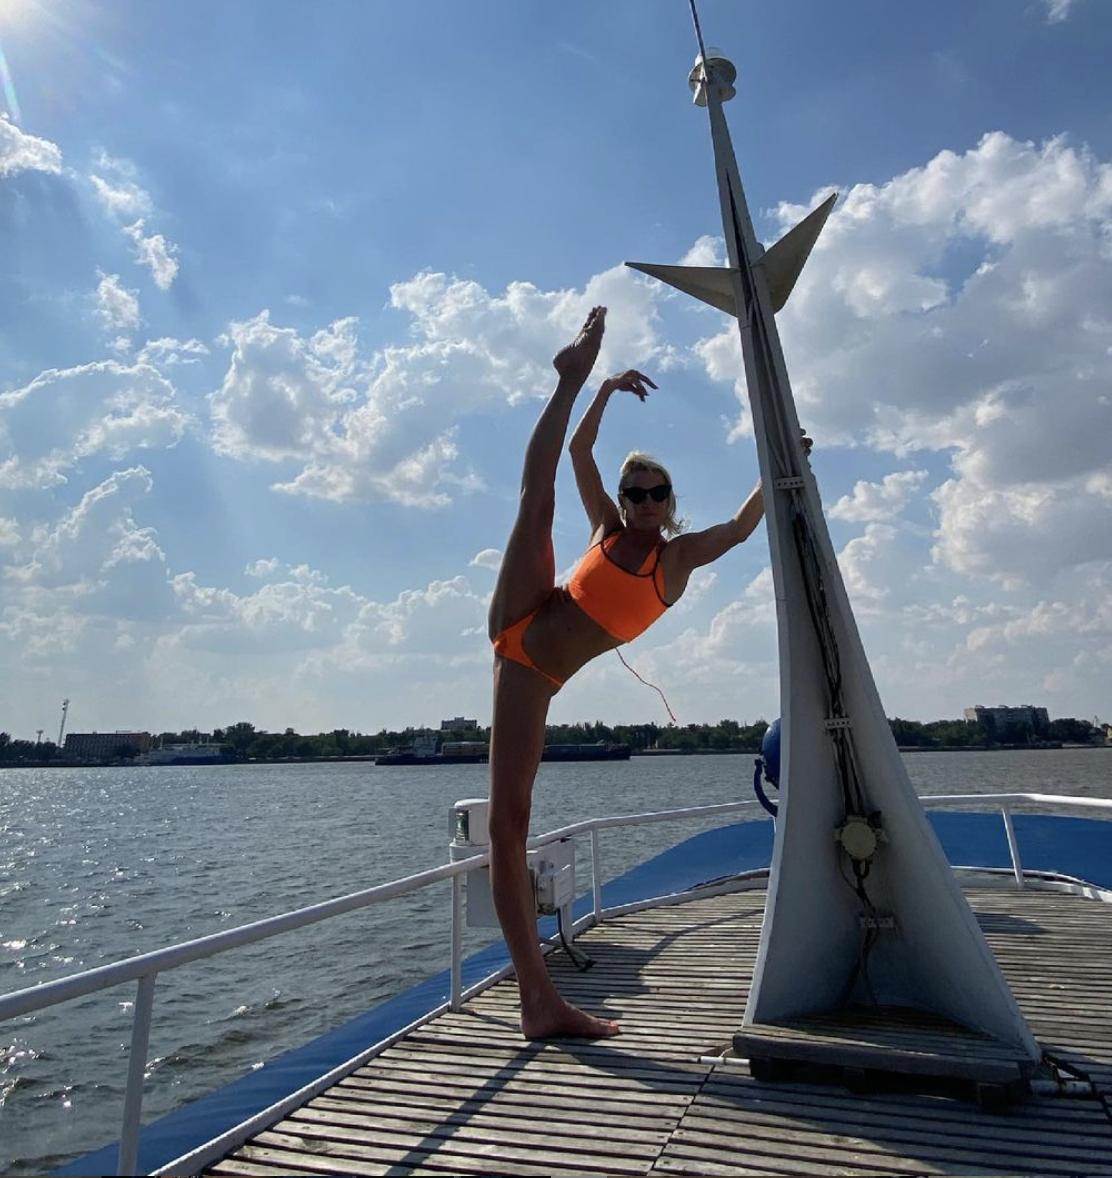 Балерина Анастасия Волочкова позирует в купальнике.